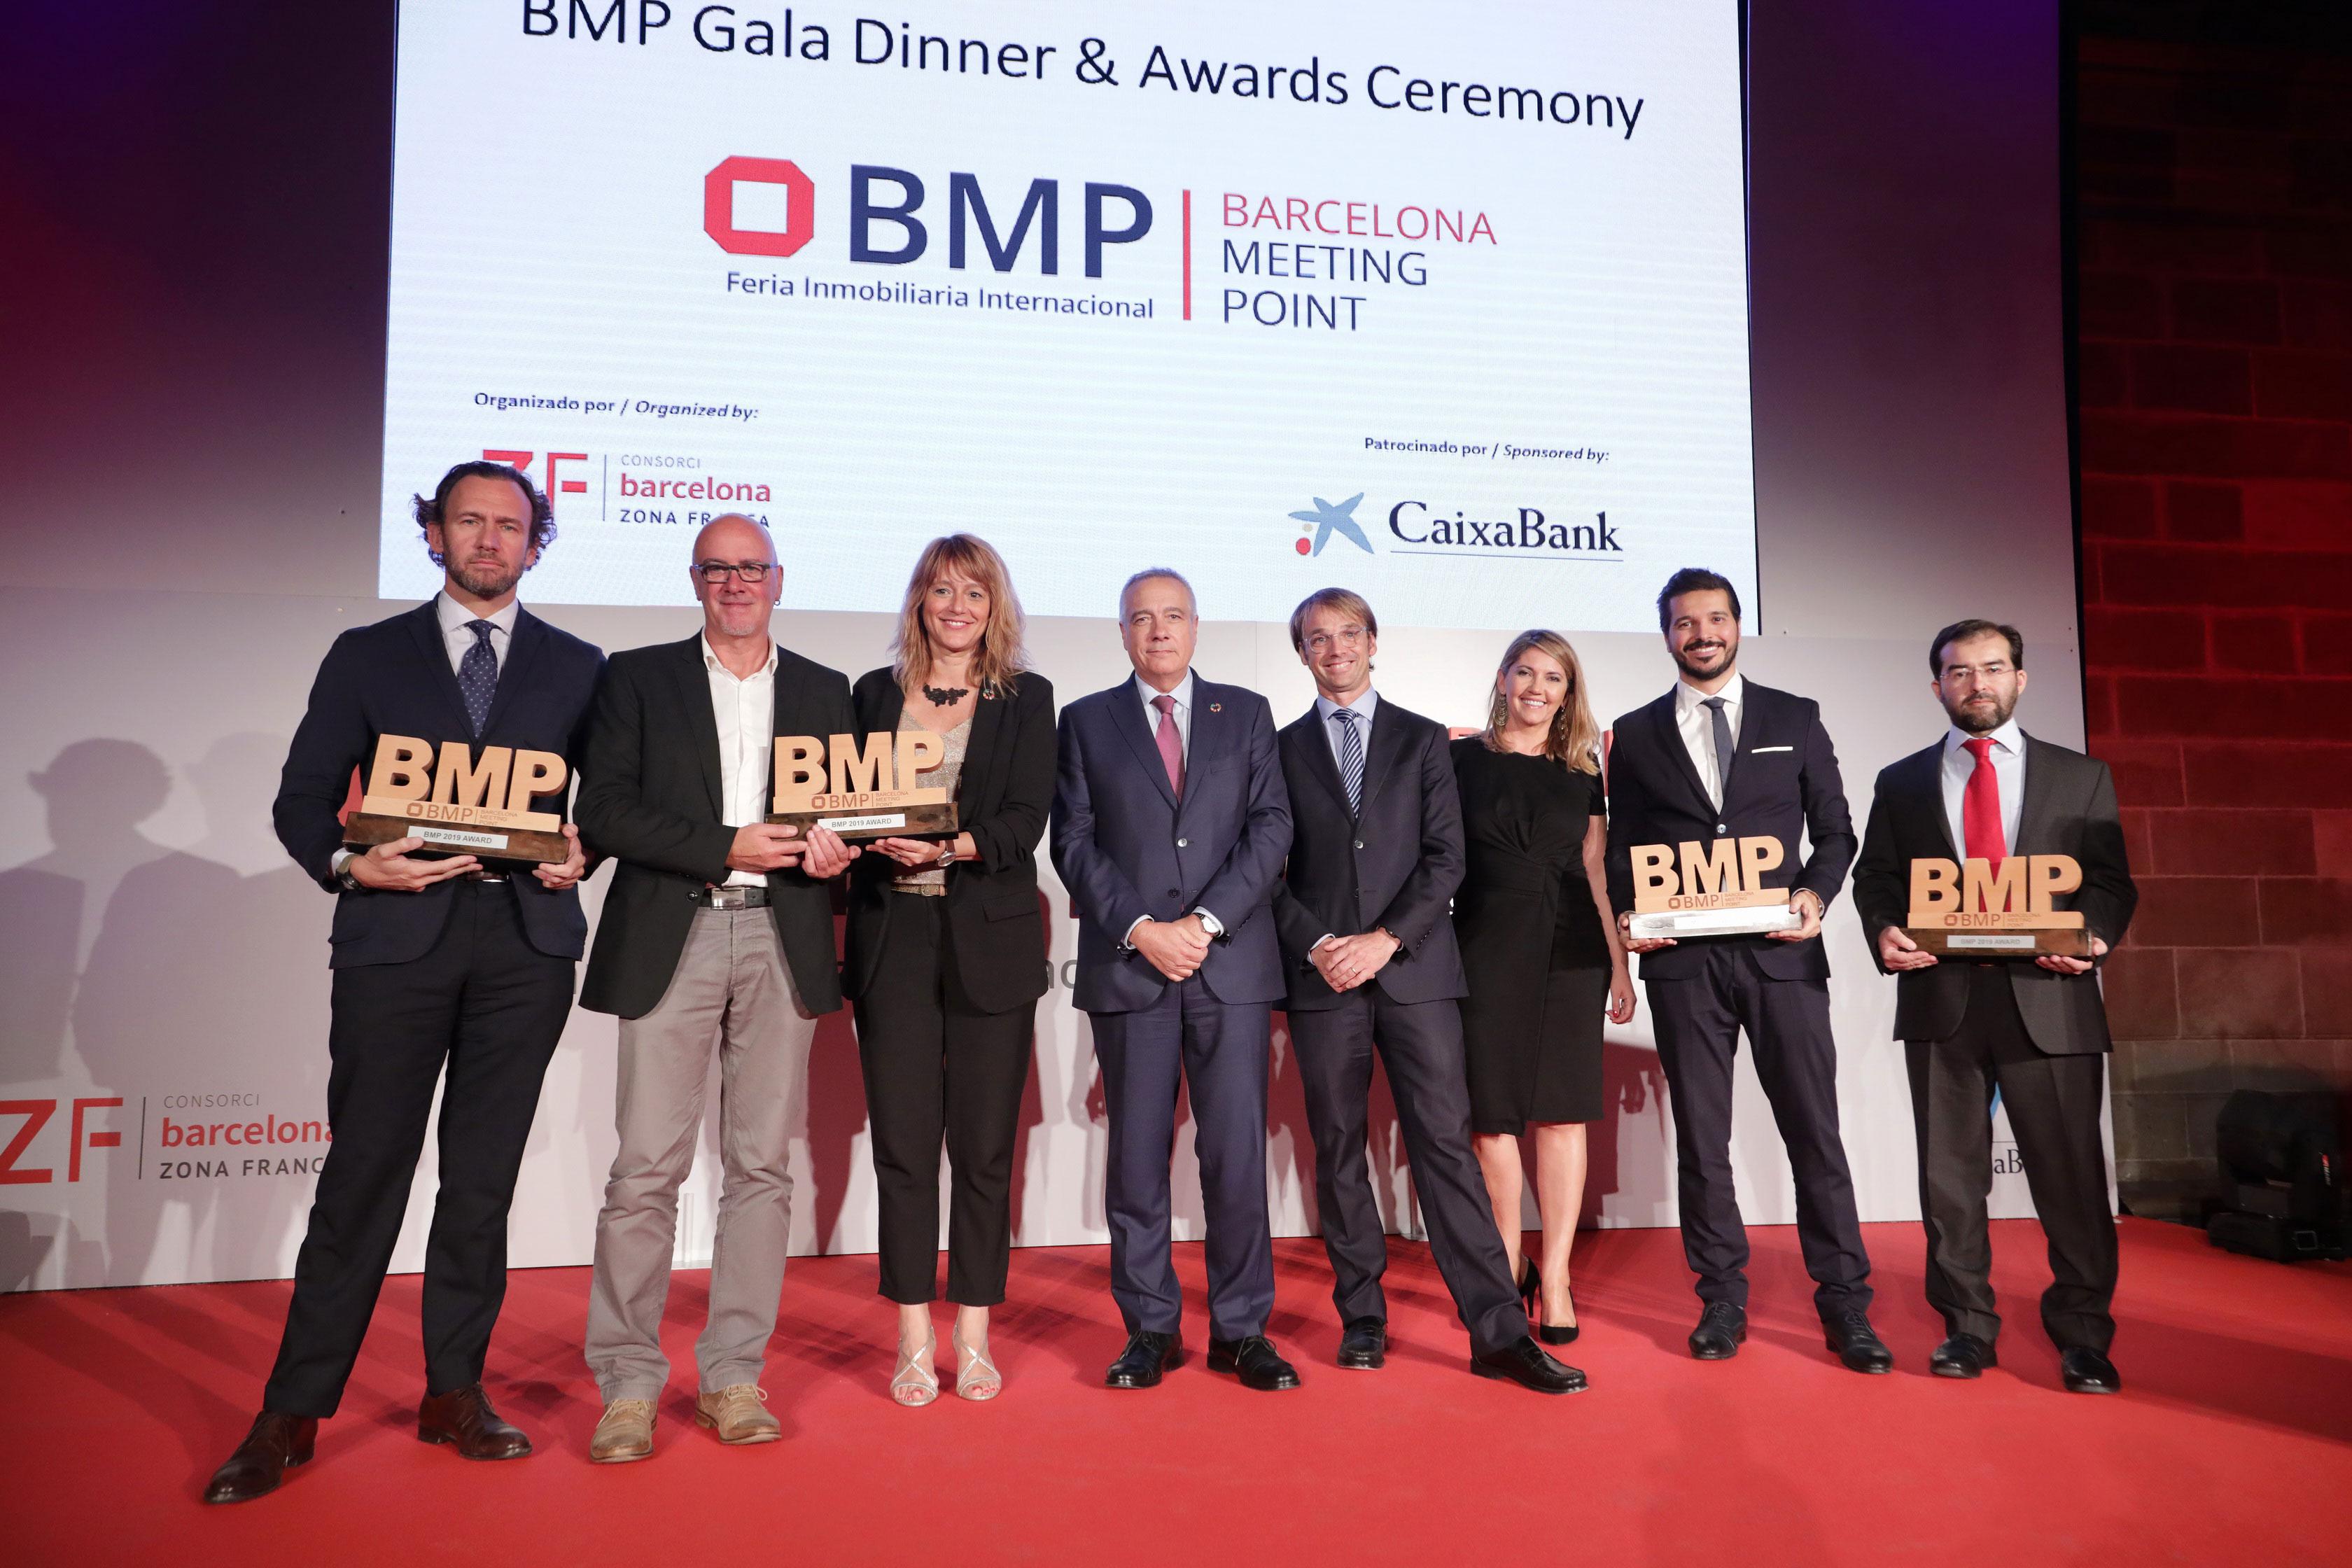 entrega de premios bmp 2019